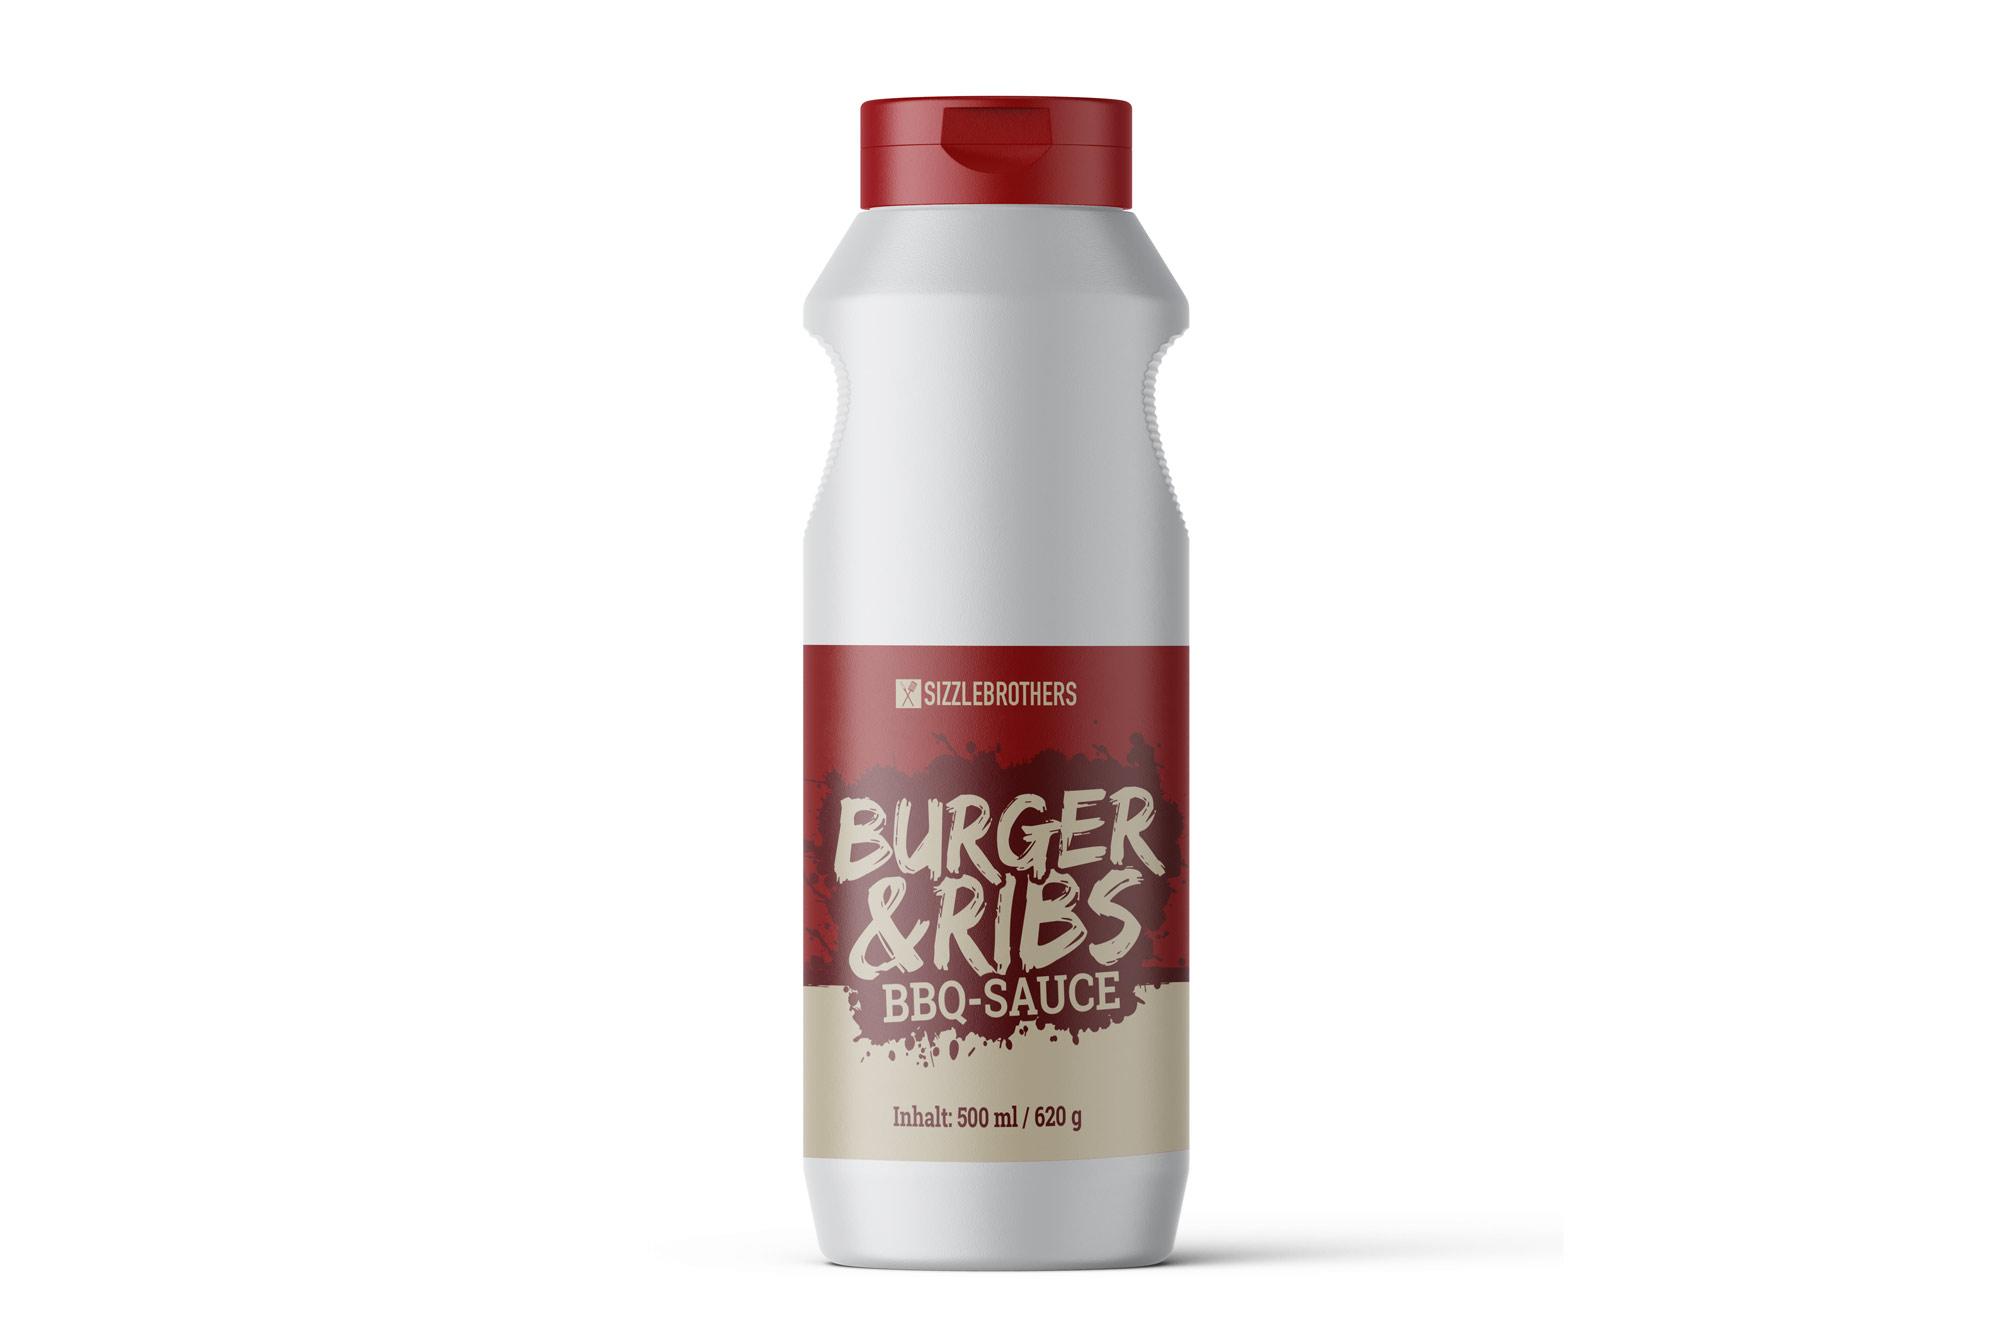 Sizzlebrothers Burger & Ribs BBQ-Sauce 500ml